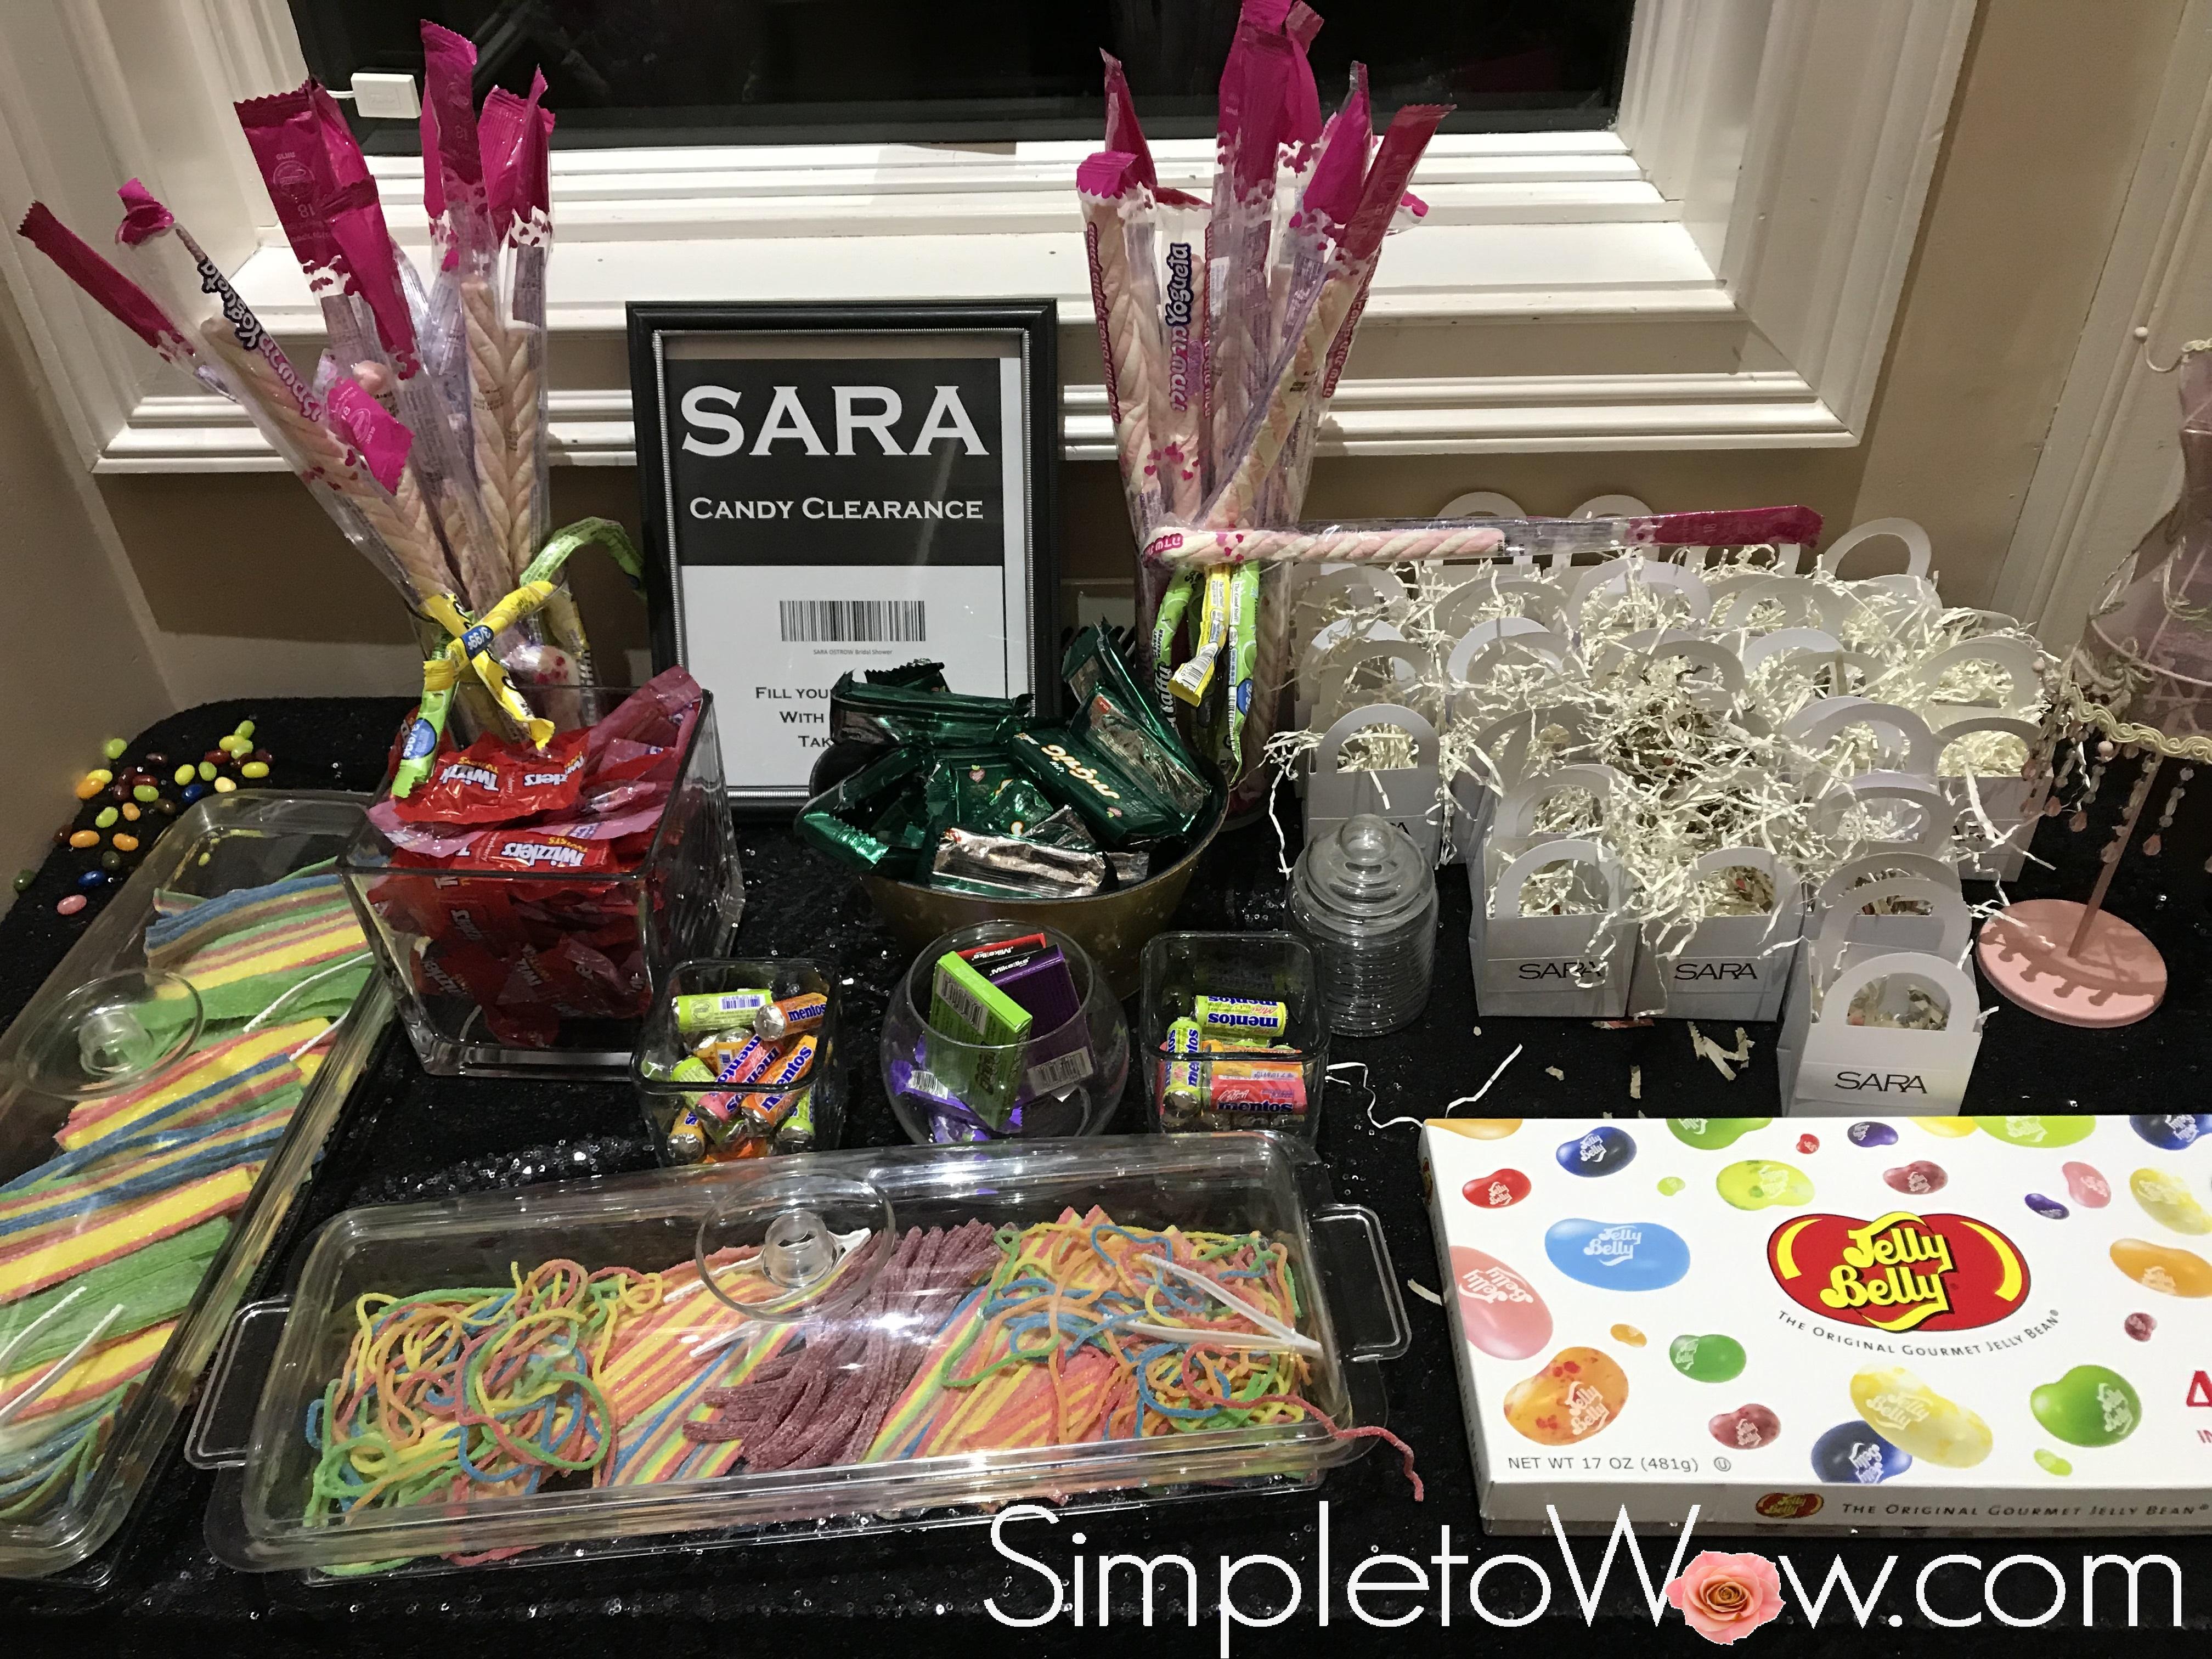 sara candy clearance